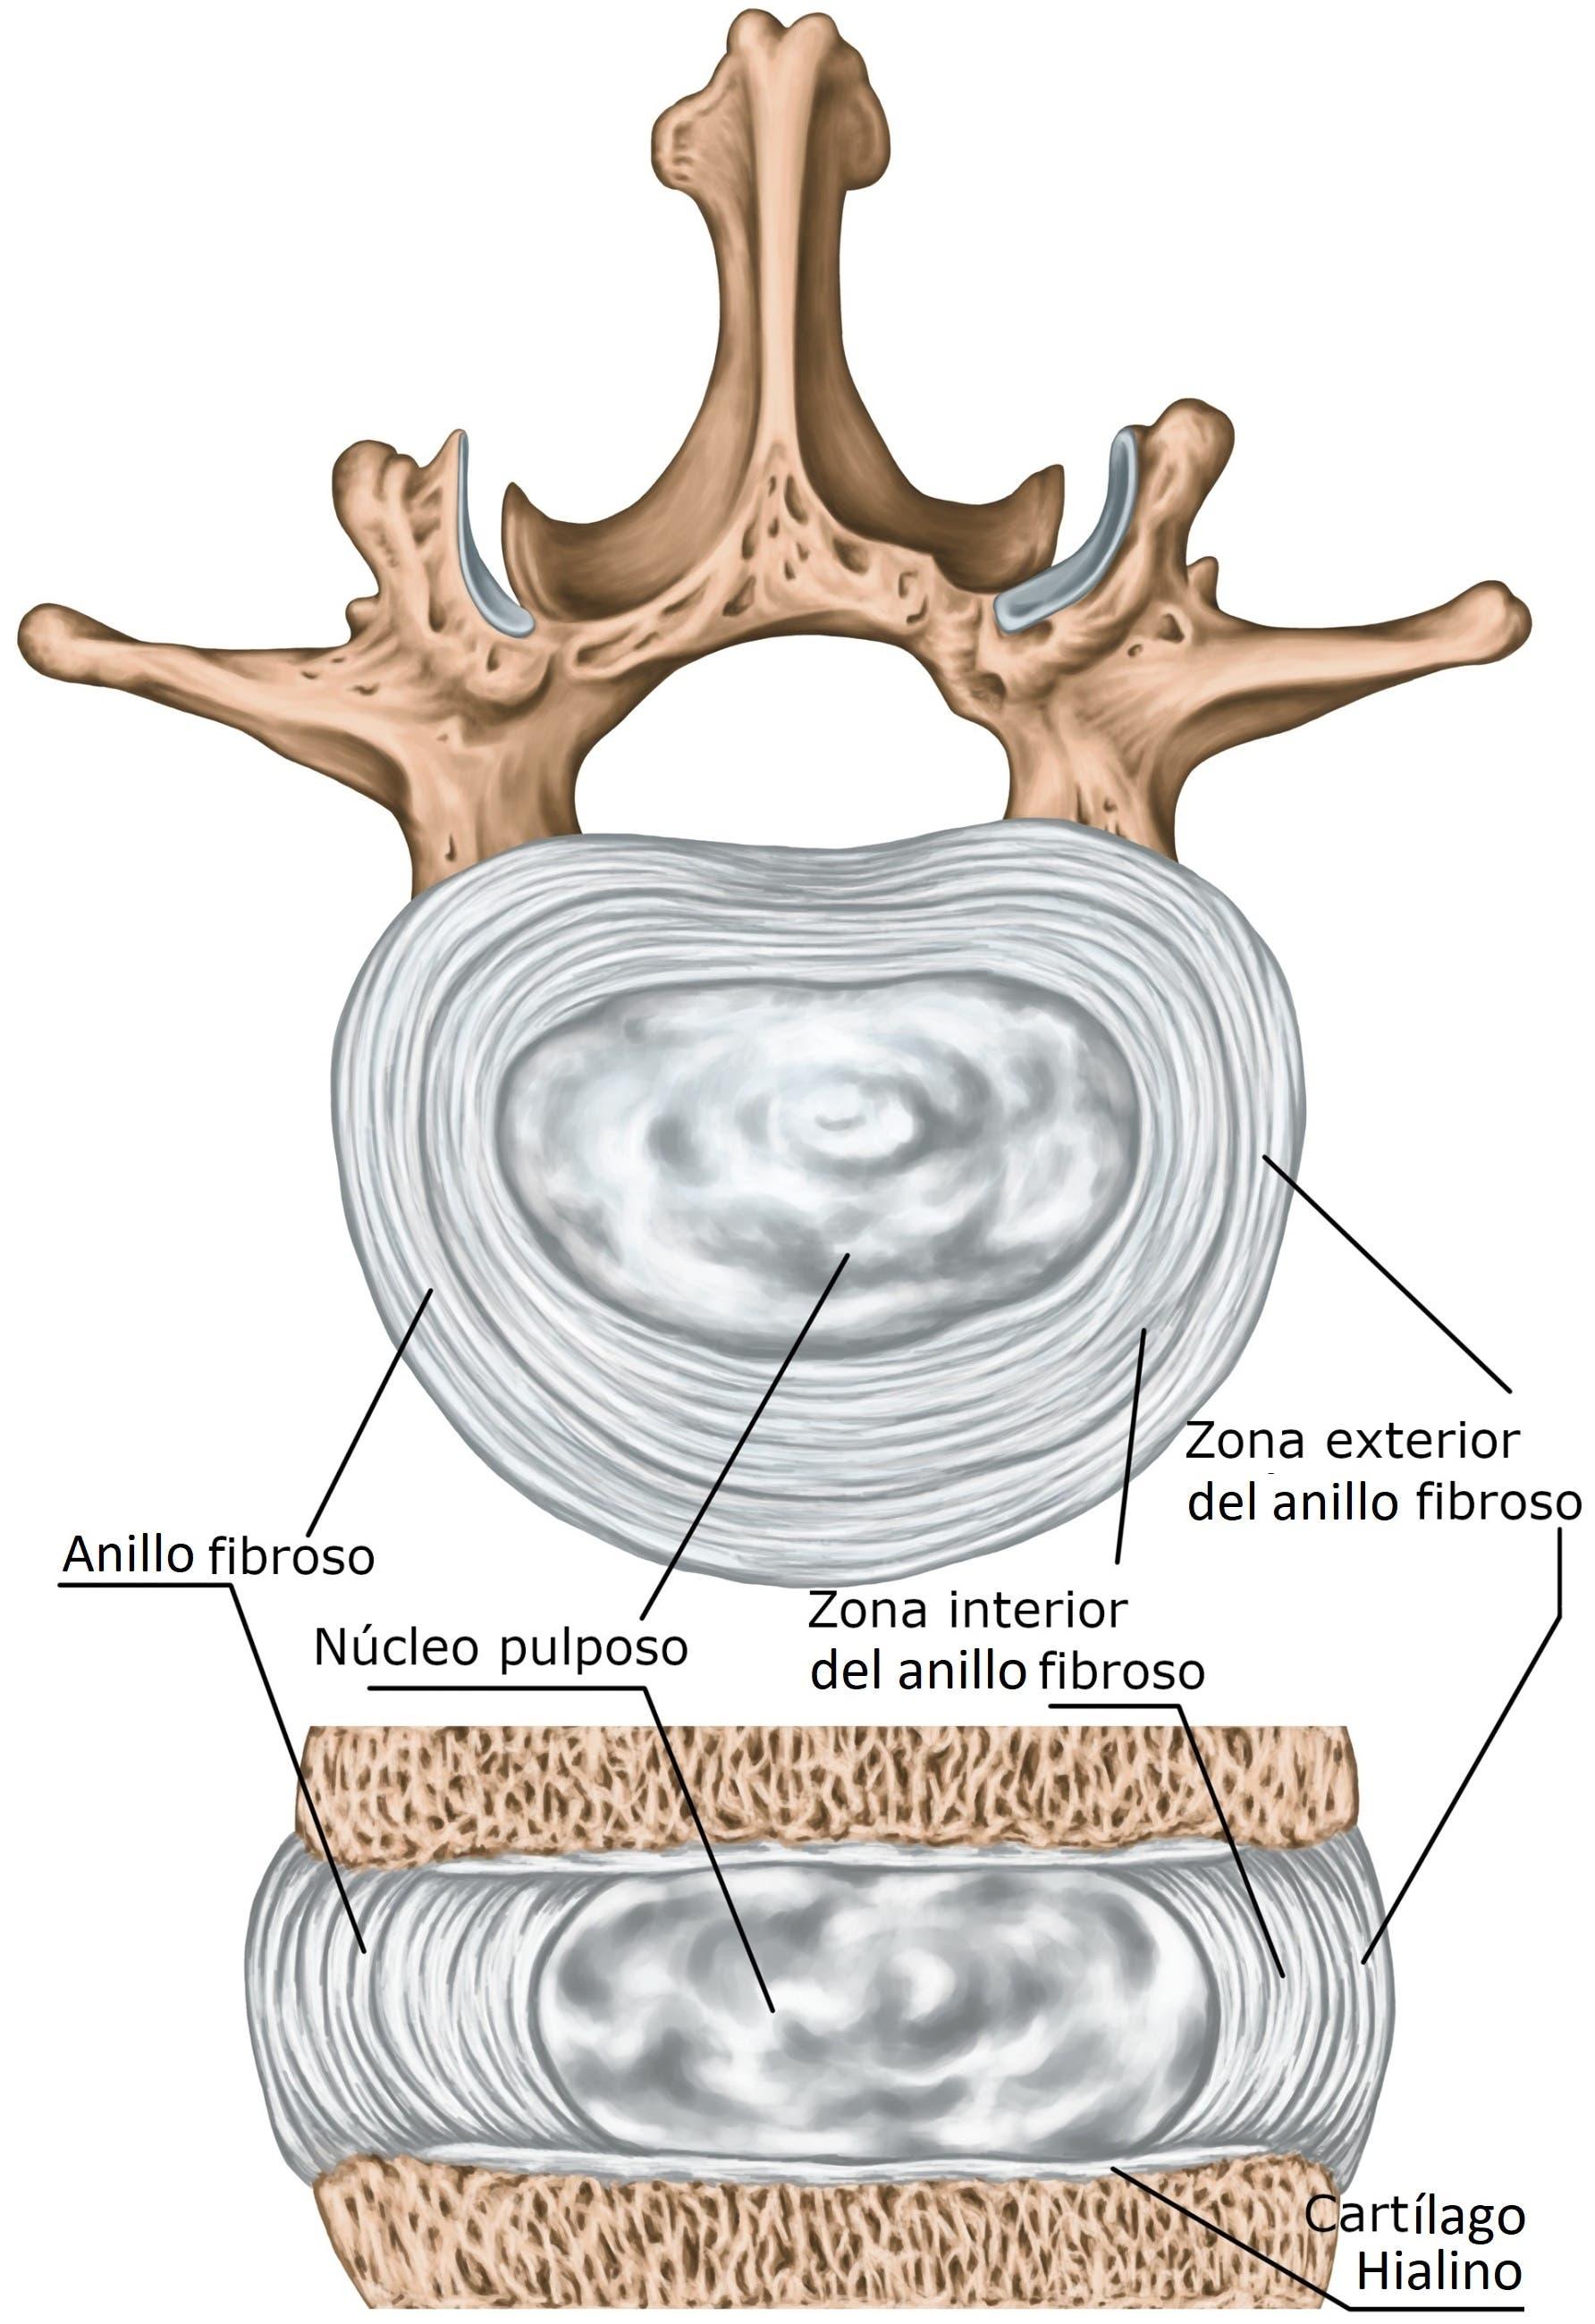 anatomía del disco intervertebral